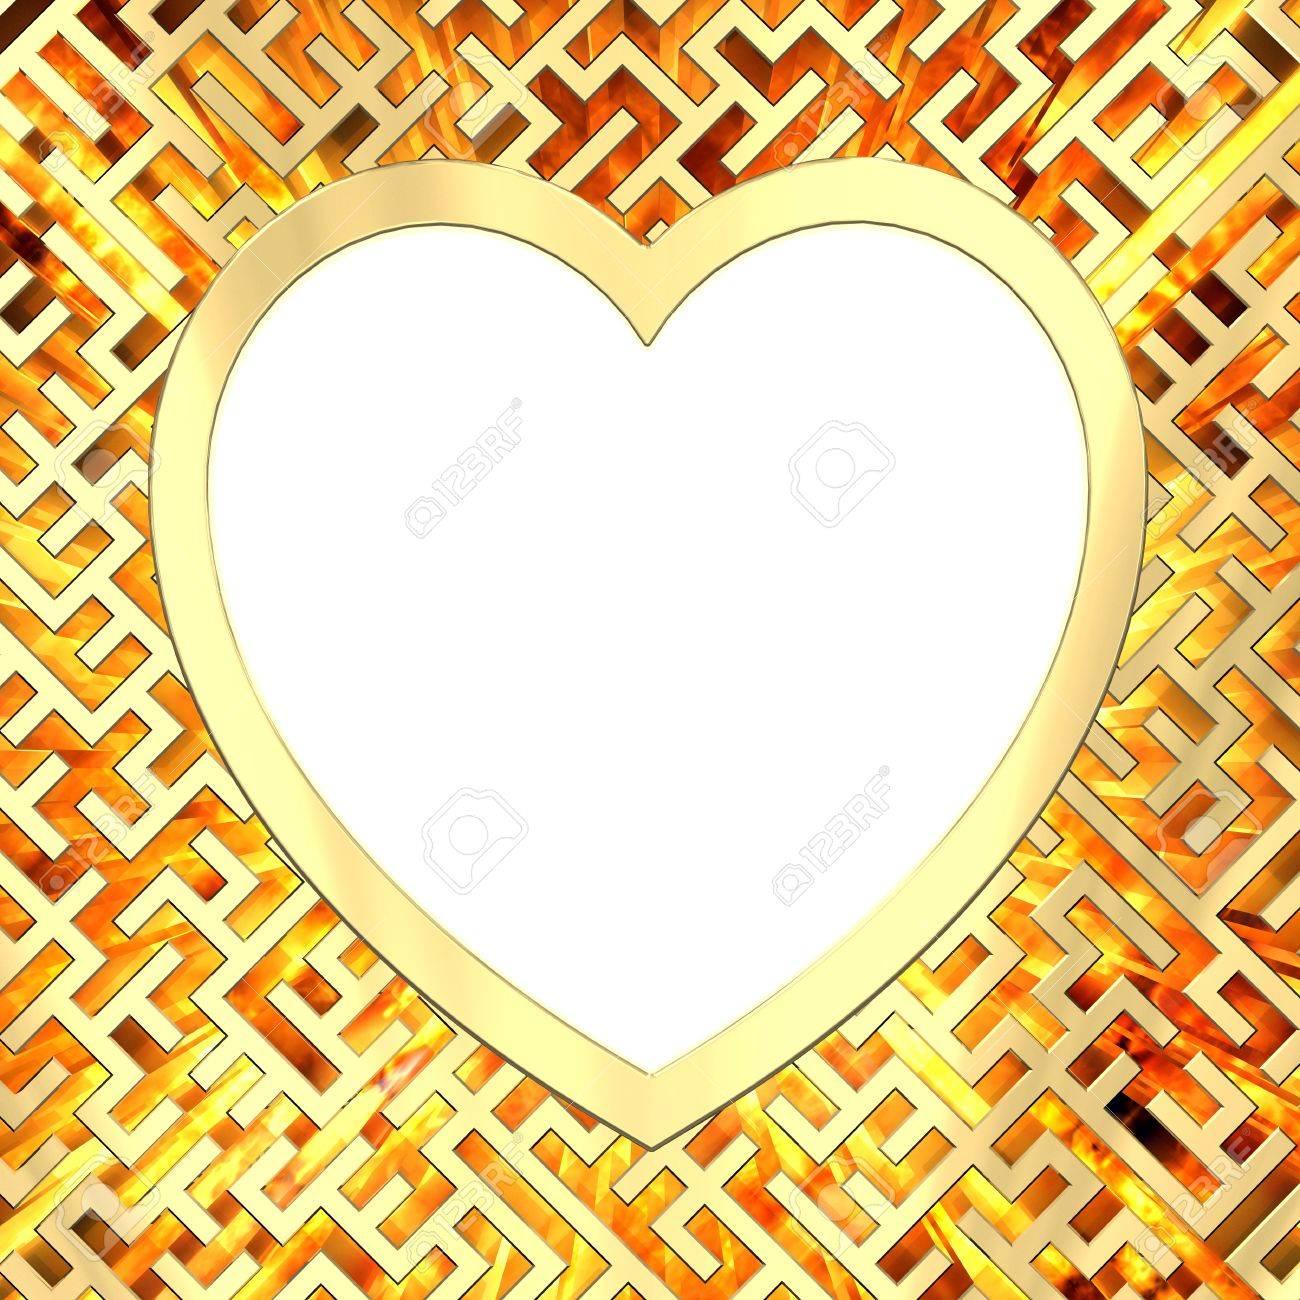 Blank Herzförmigen Rahmen Auf Labyrinth Hintergrund Mit Flamme ...